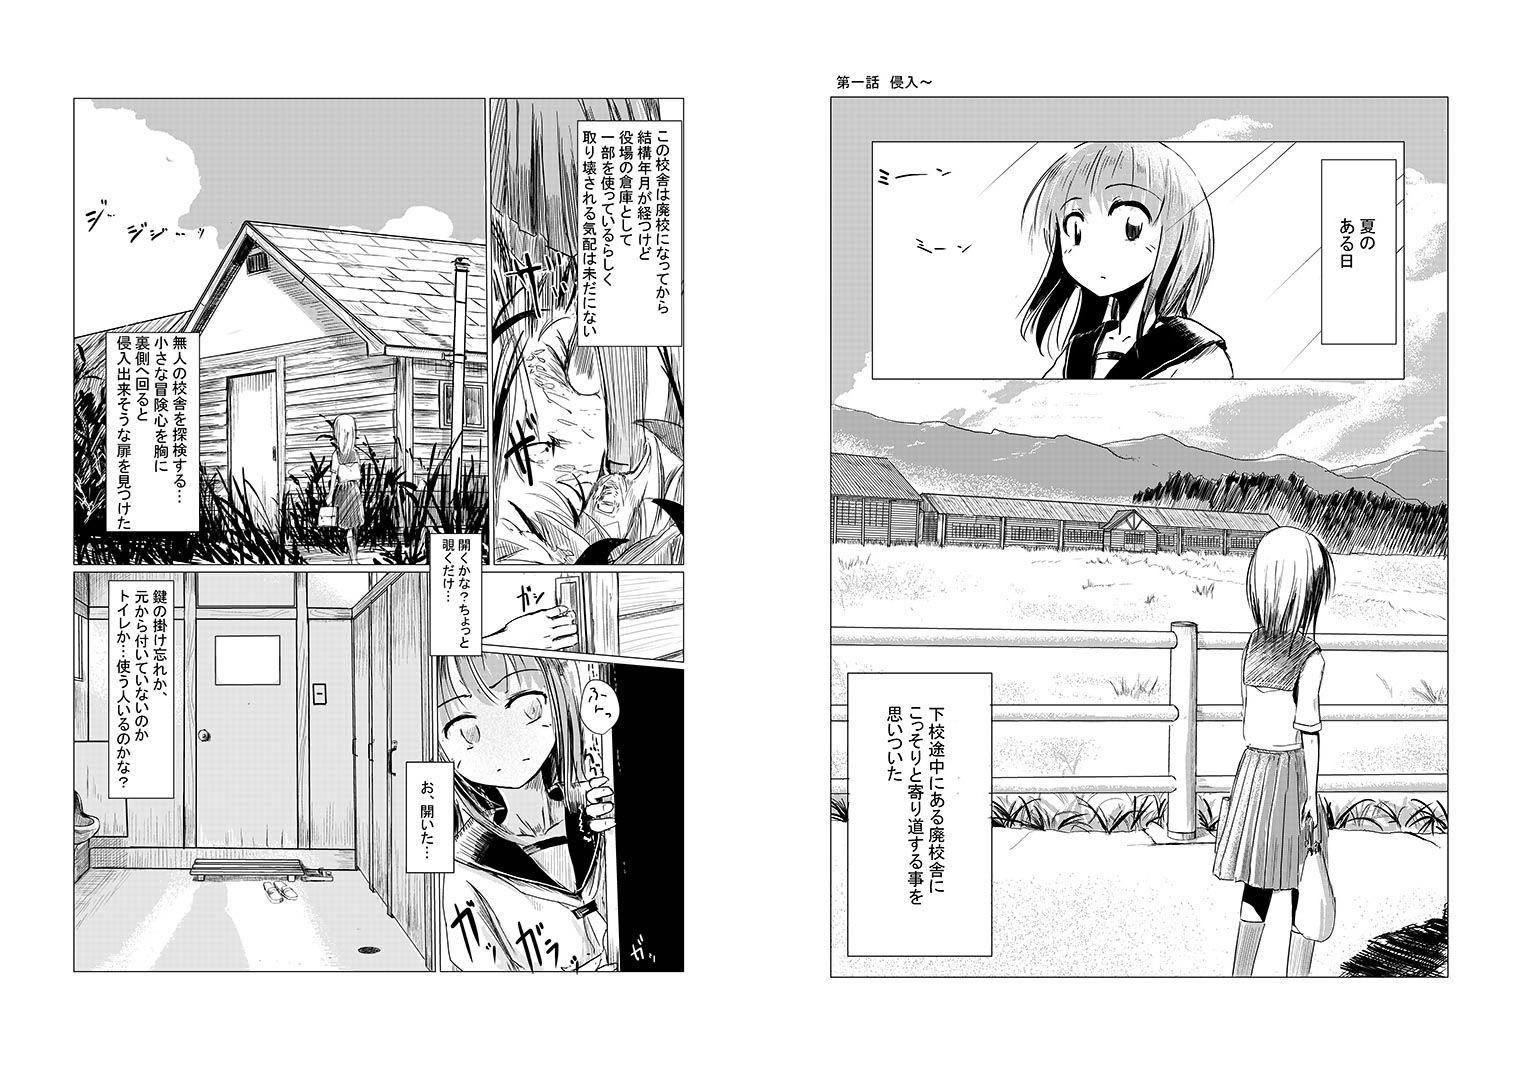 【ろれろれ屋 同人】少女と廃校舎